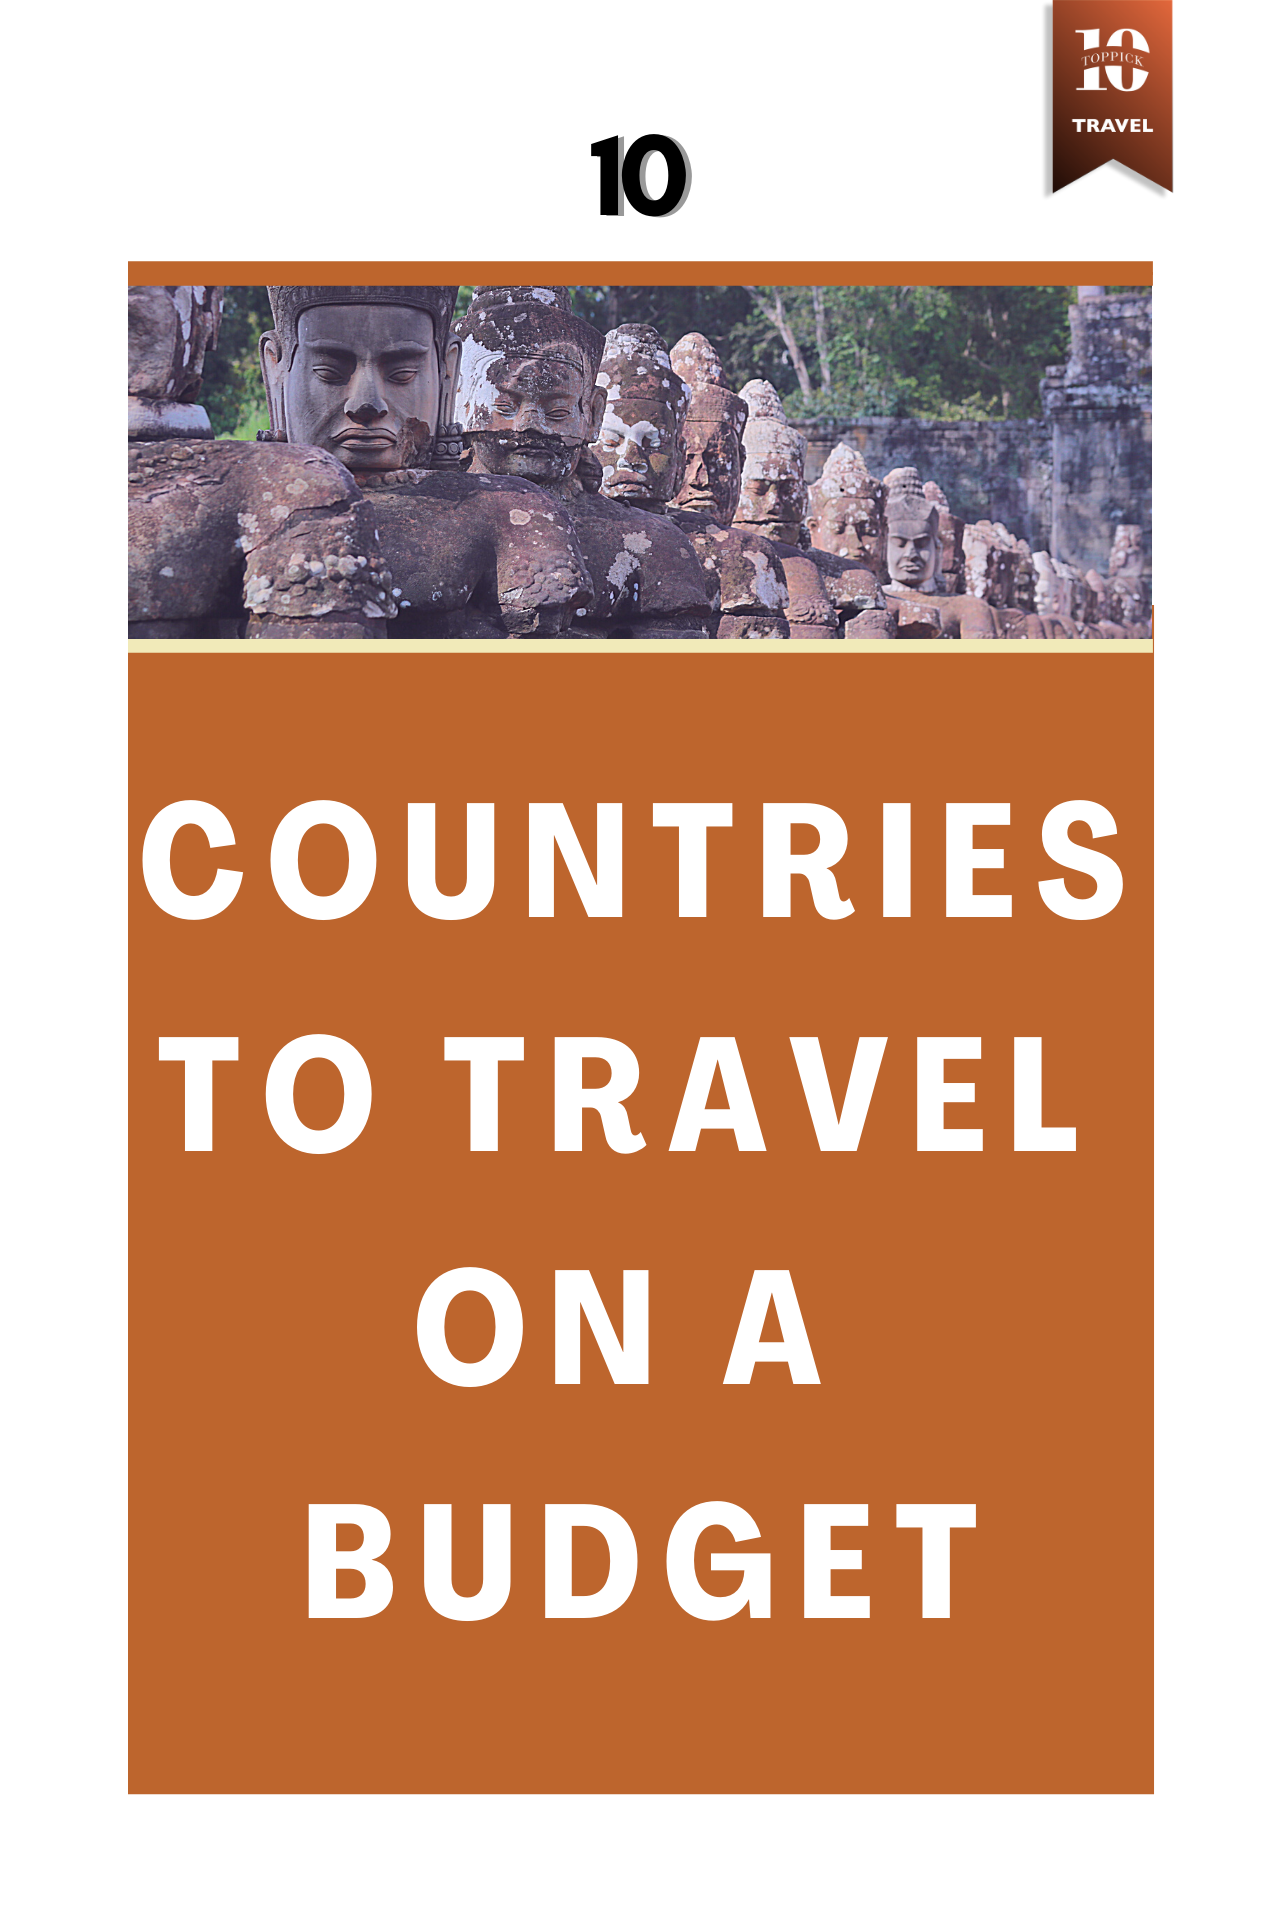 #travel #budgettravel #cheaptravel #travelaesthetic #travelguide #bucketlist